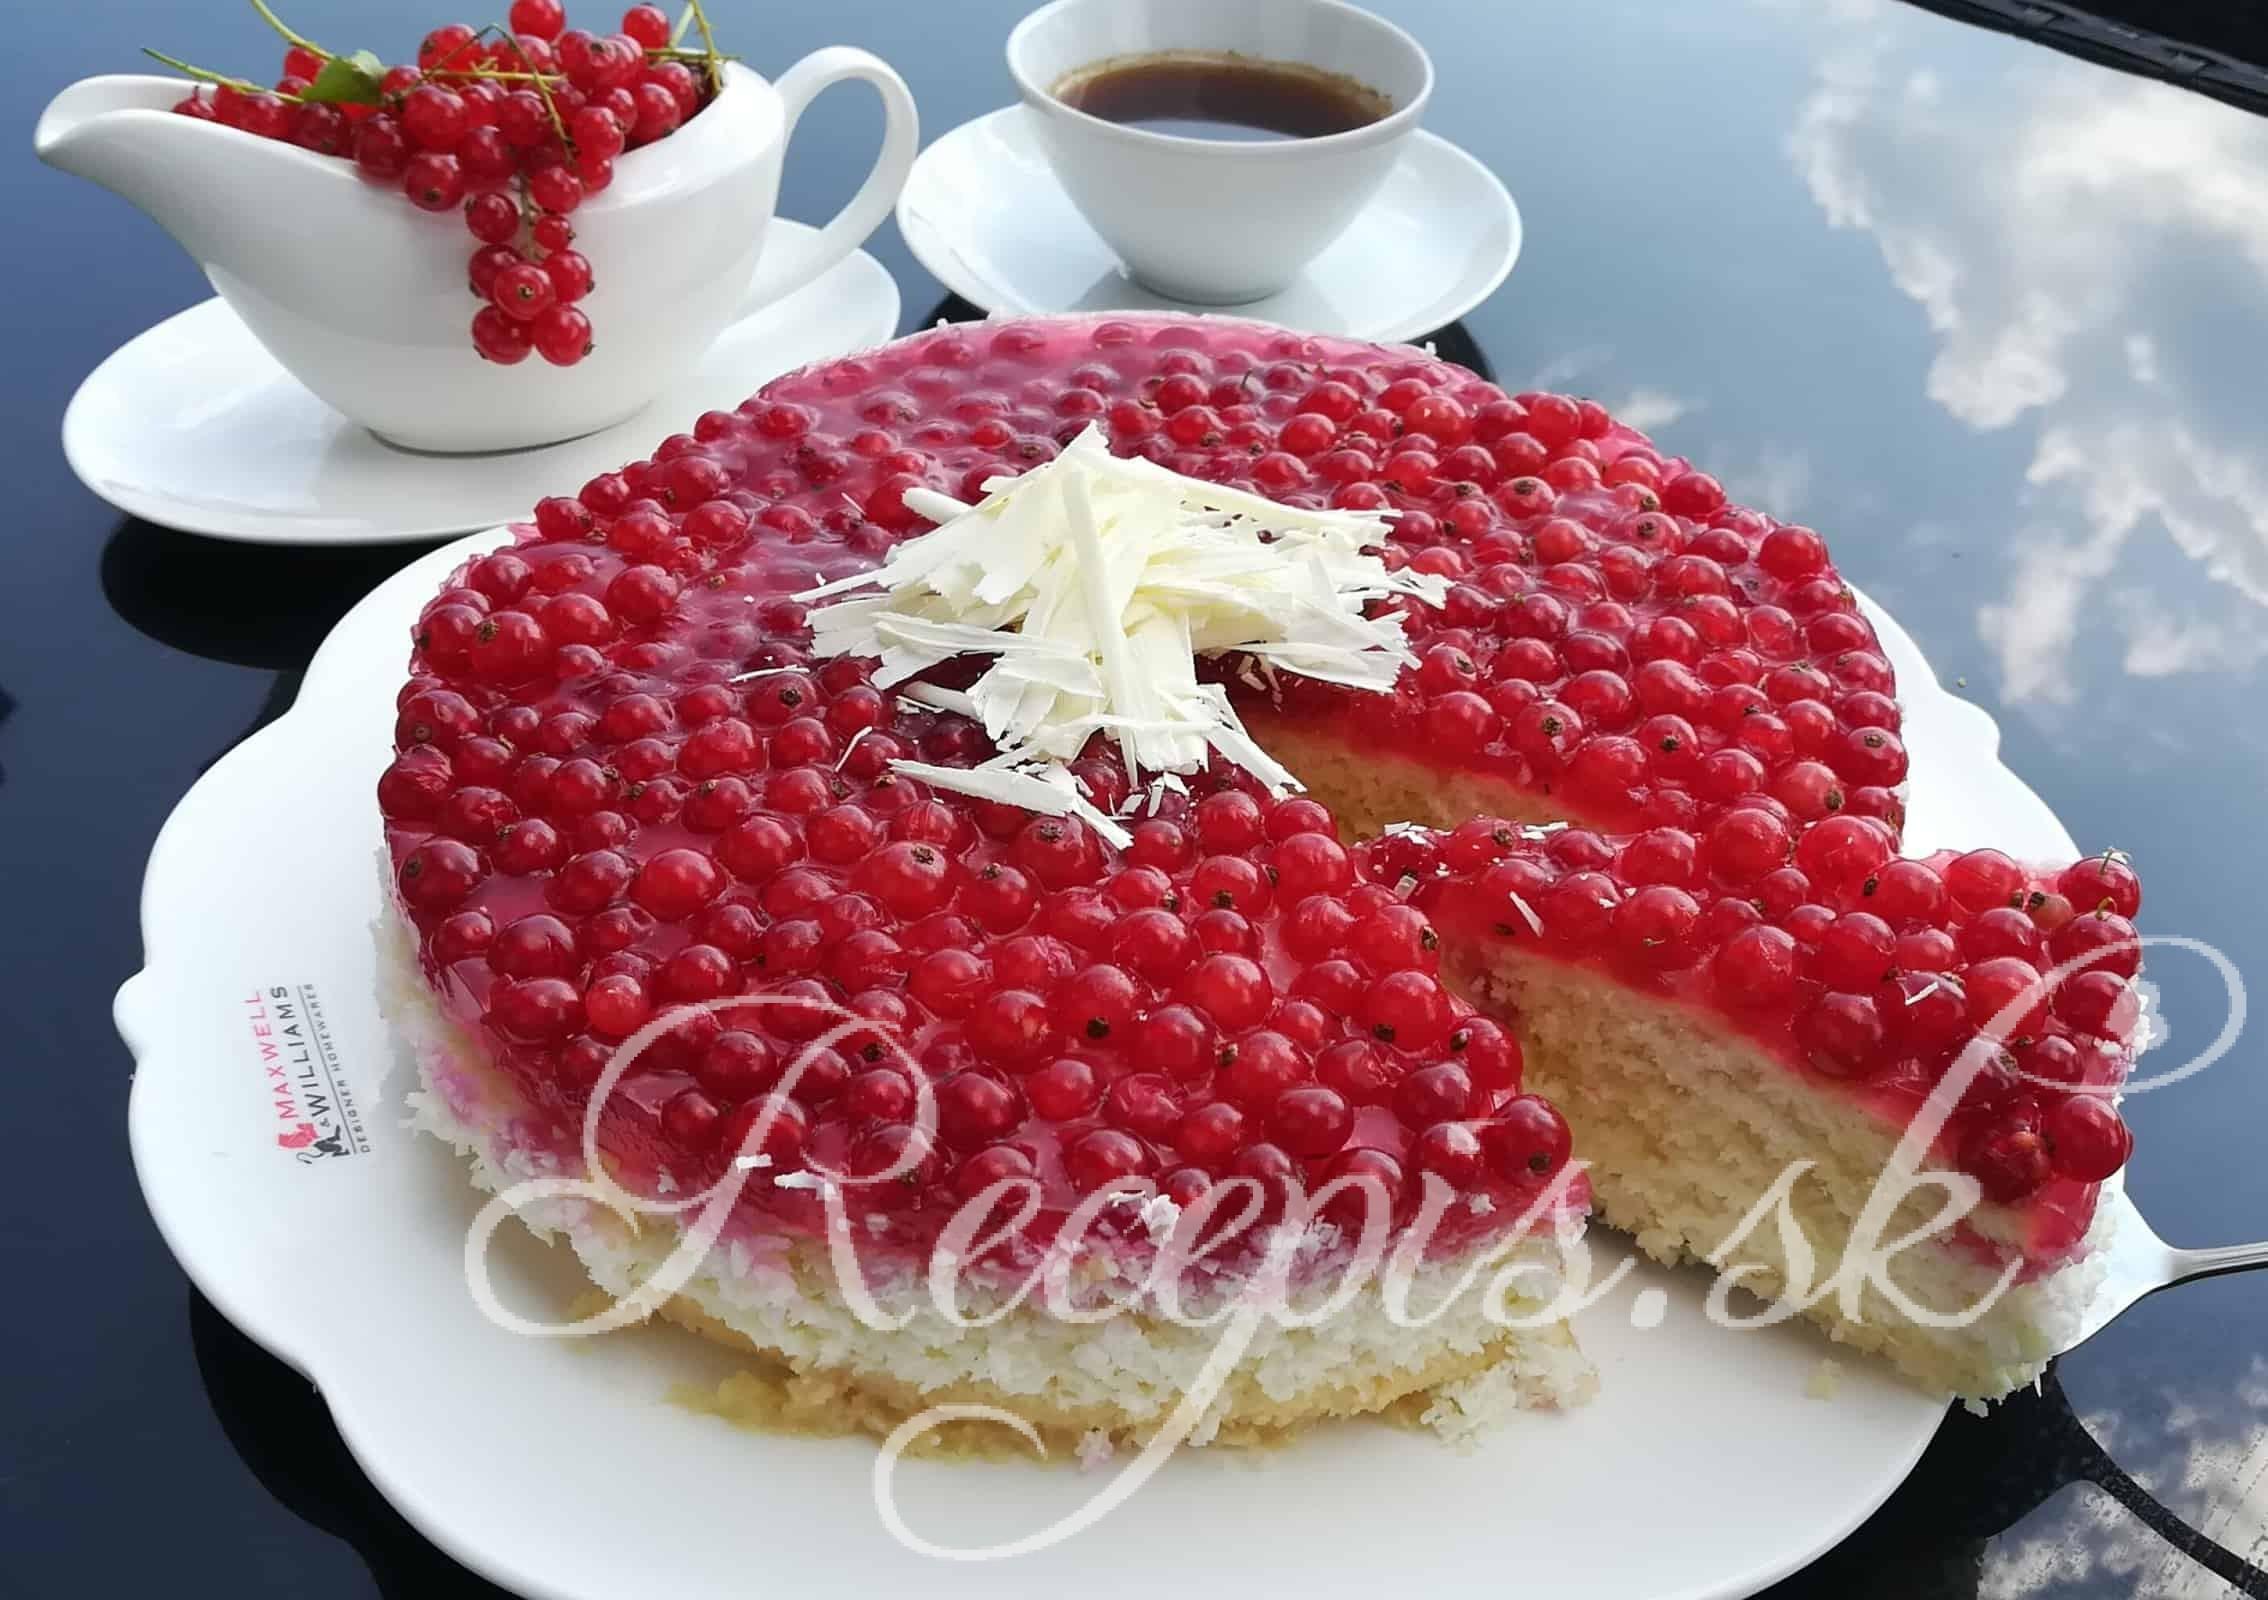 Ríbezľová torta s bielou čokoládou